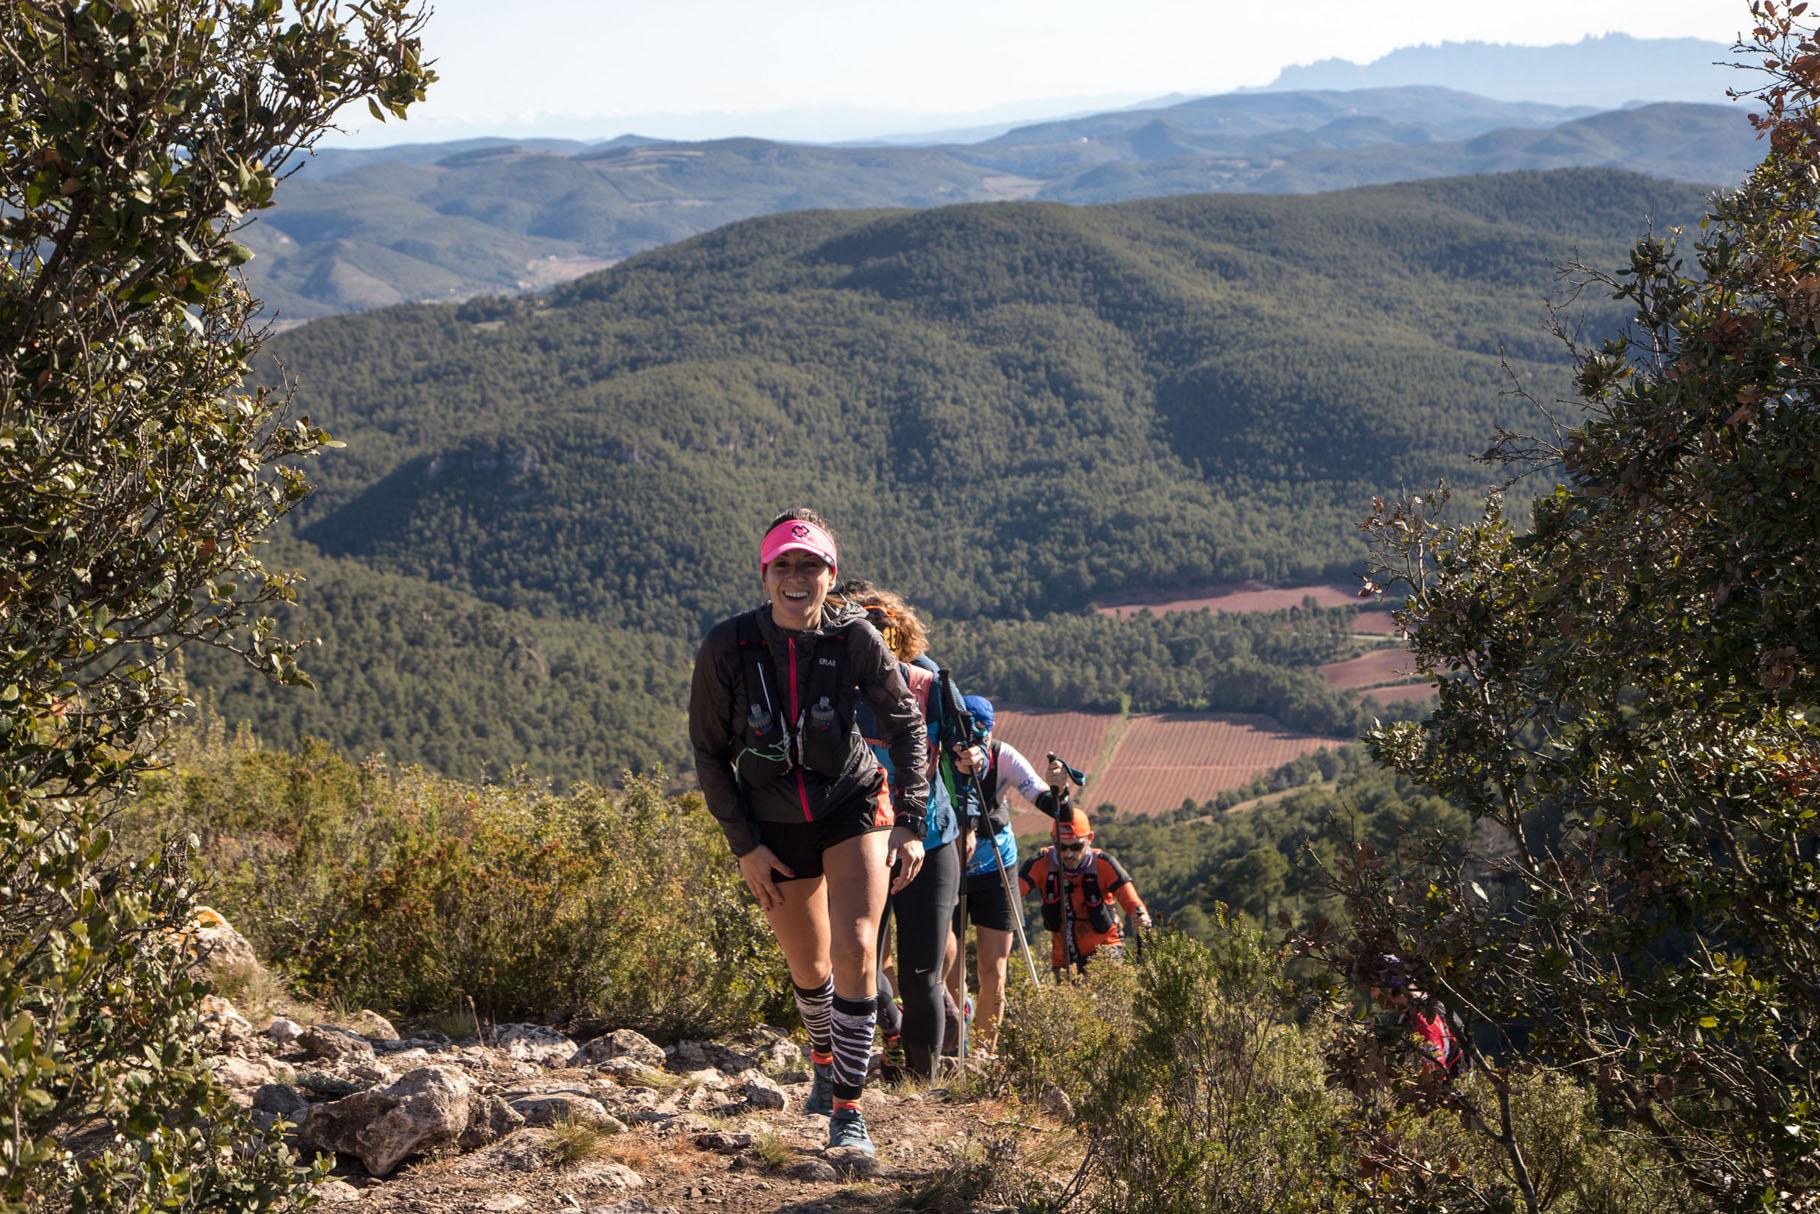 La Caminada de Resistència 7 Cims supera expectatives amb 700 participants